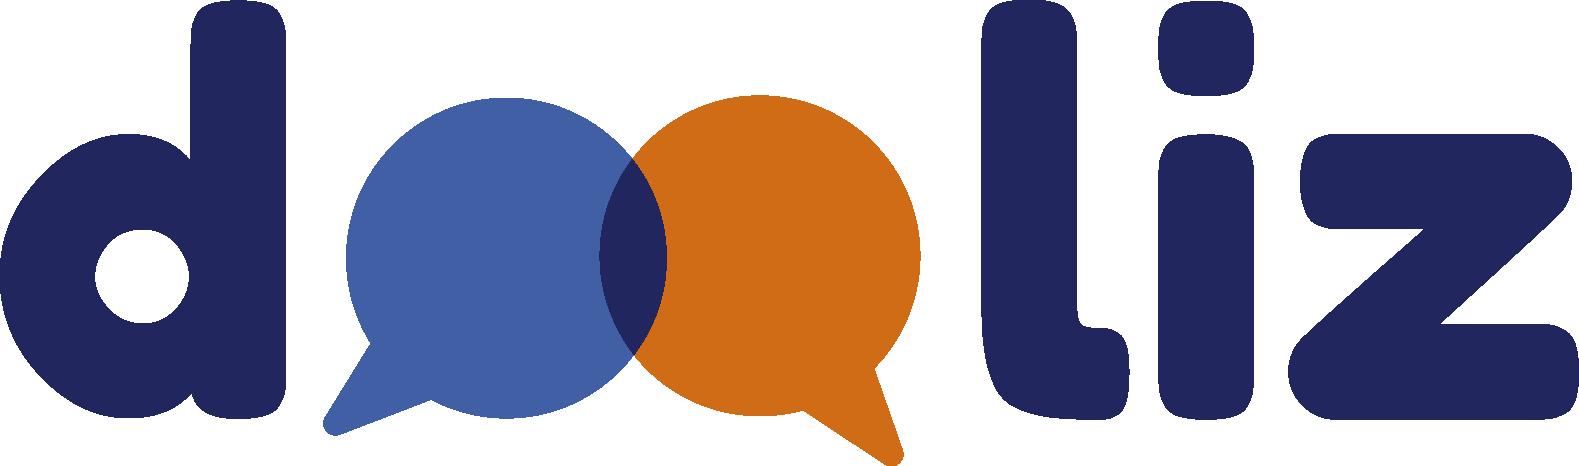 Dooliz: le gestionnaire d'invité